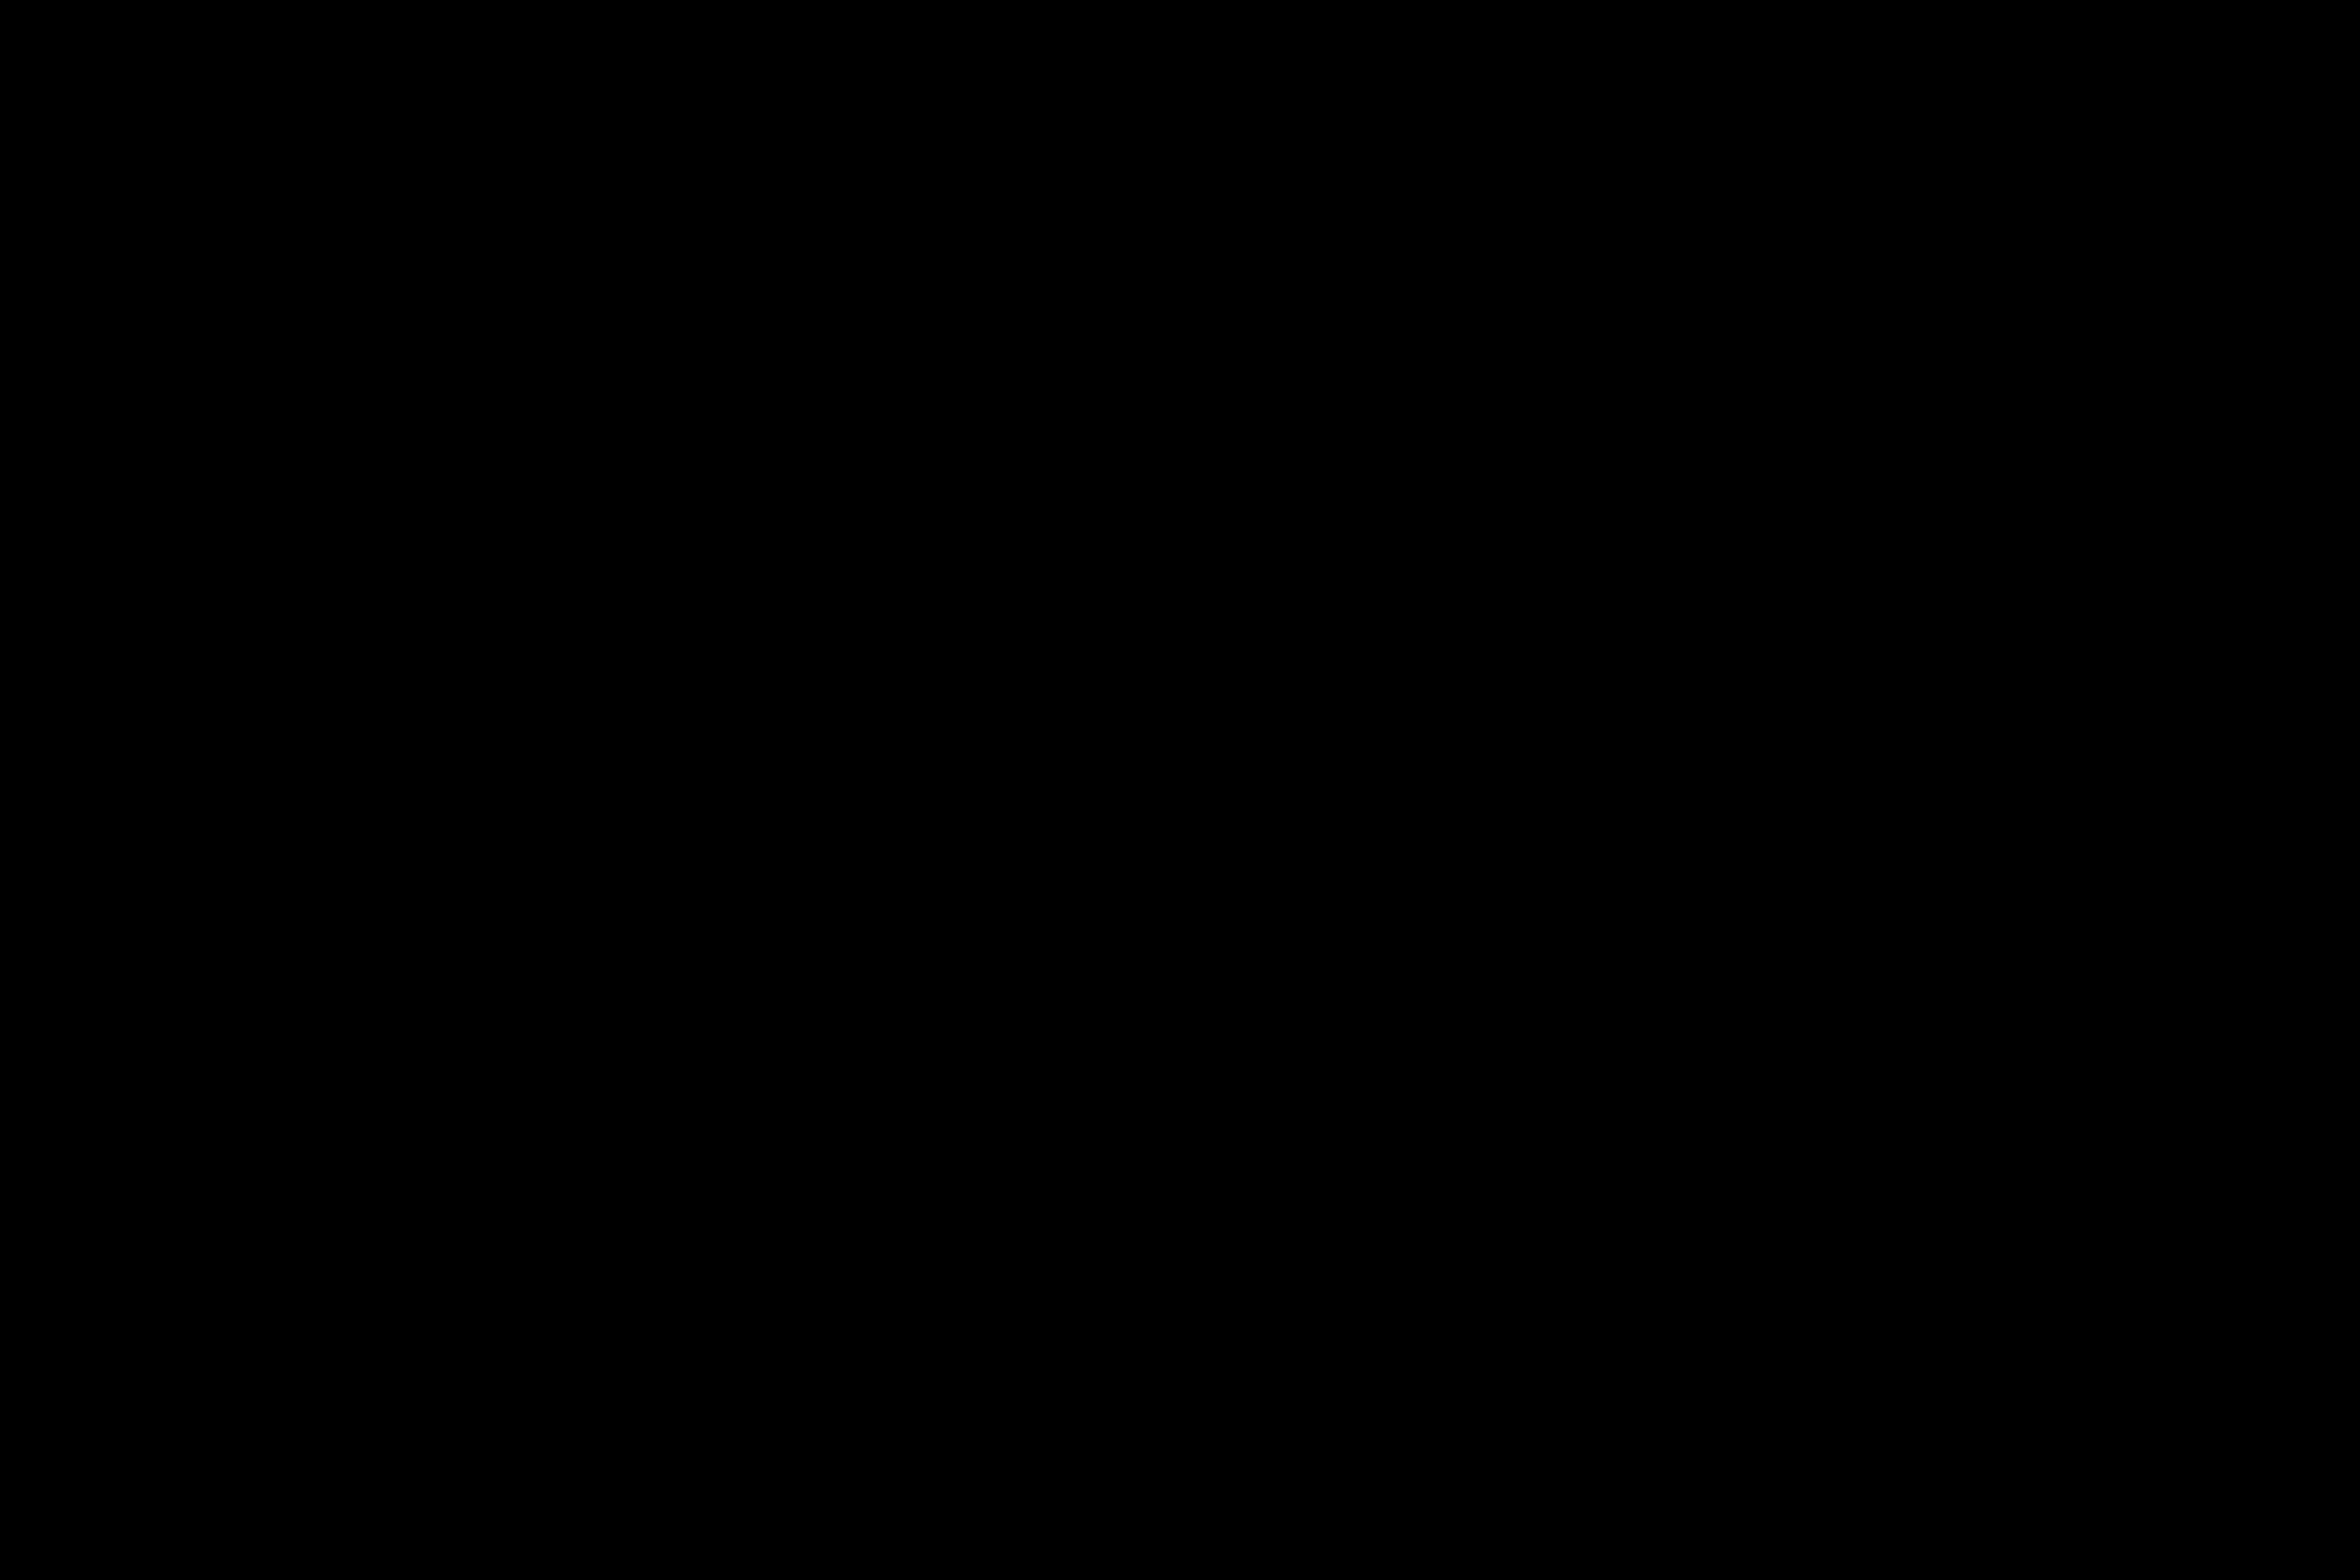 Картинка Красный мак цветок Бутон Крупным планом 9936x6624 красная красные красных Маки Цветы вблизи